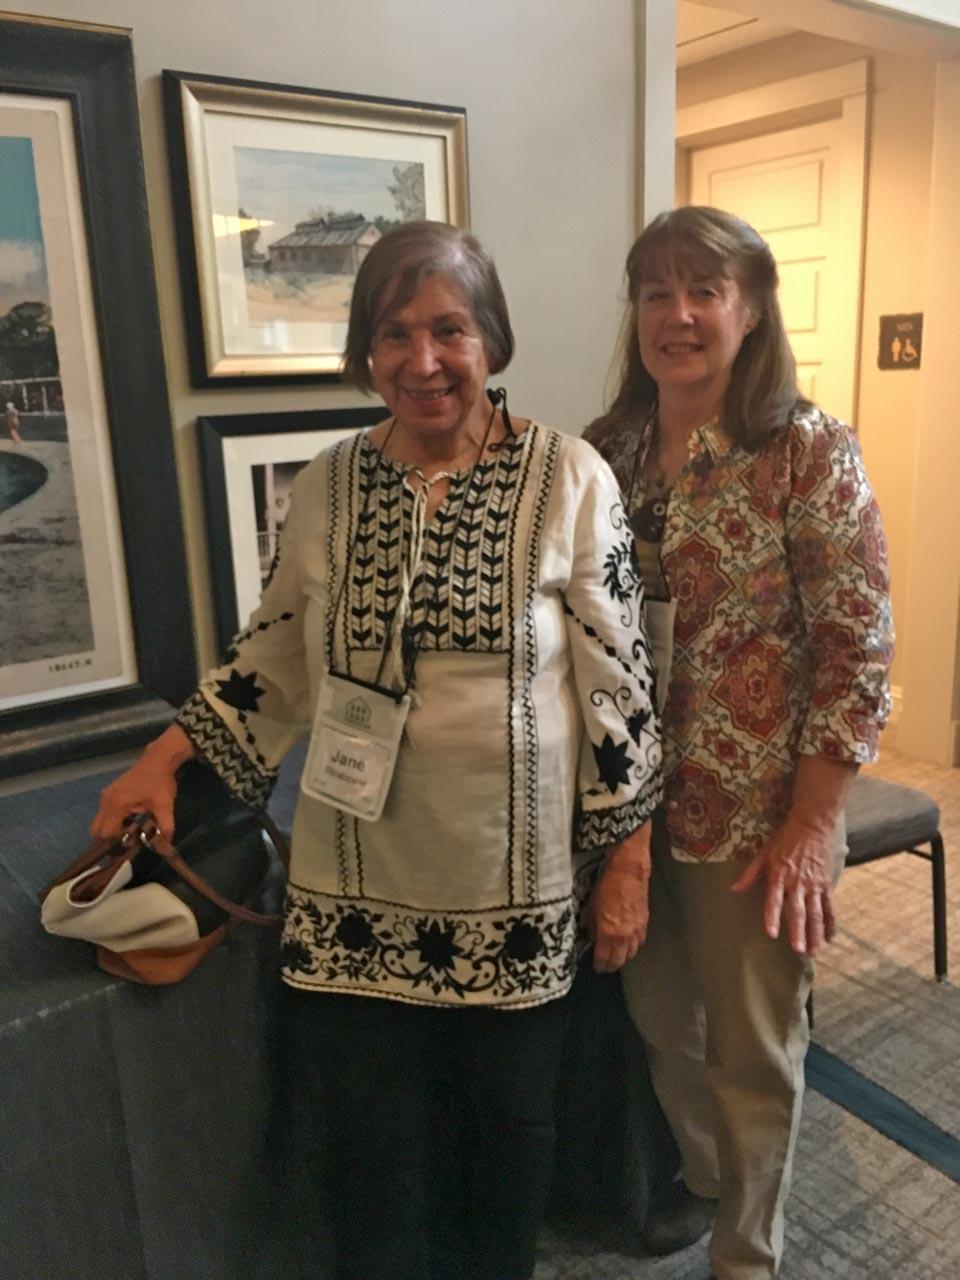 Jane Stillabower and friend